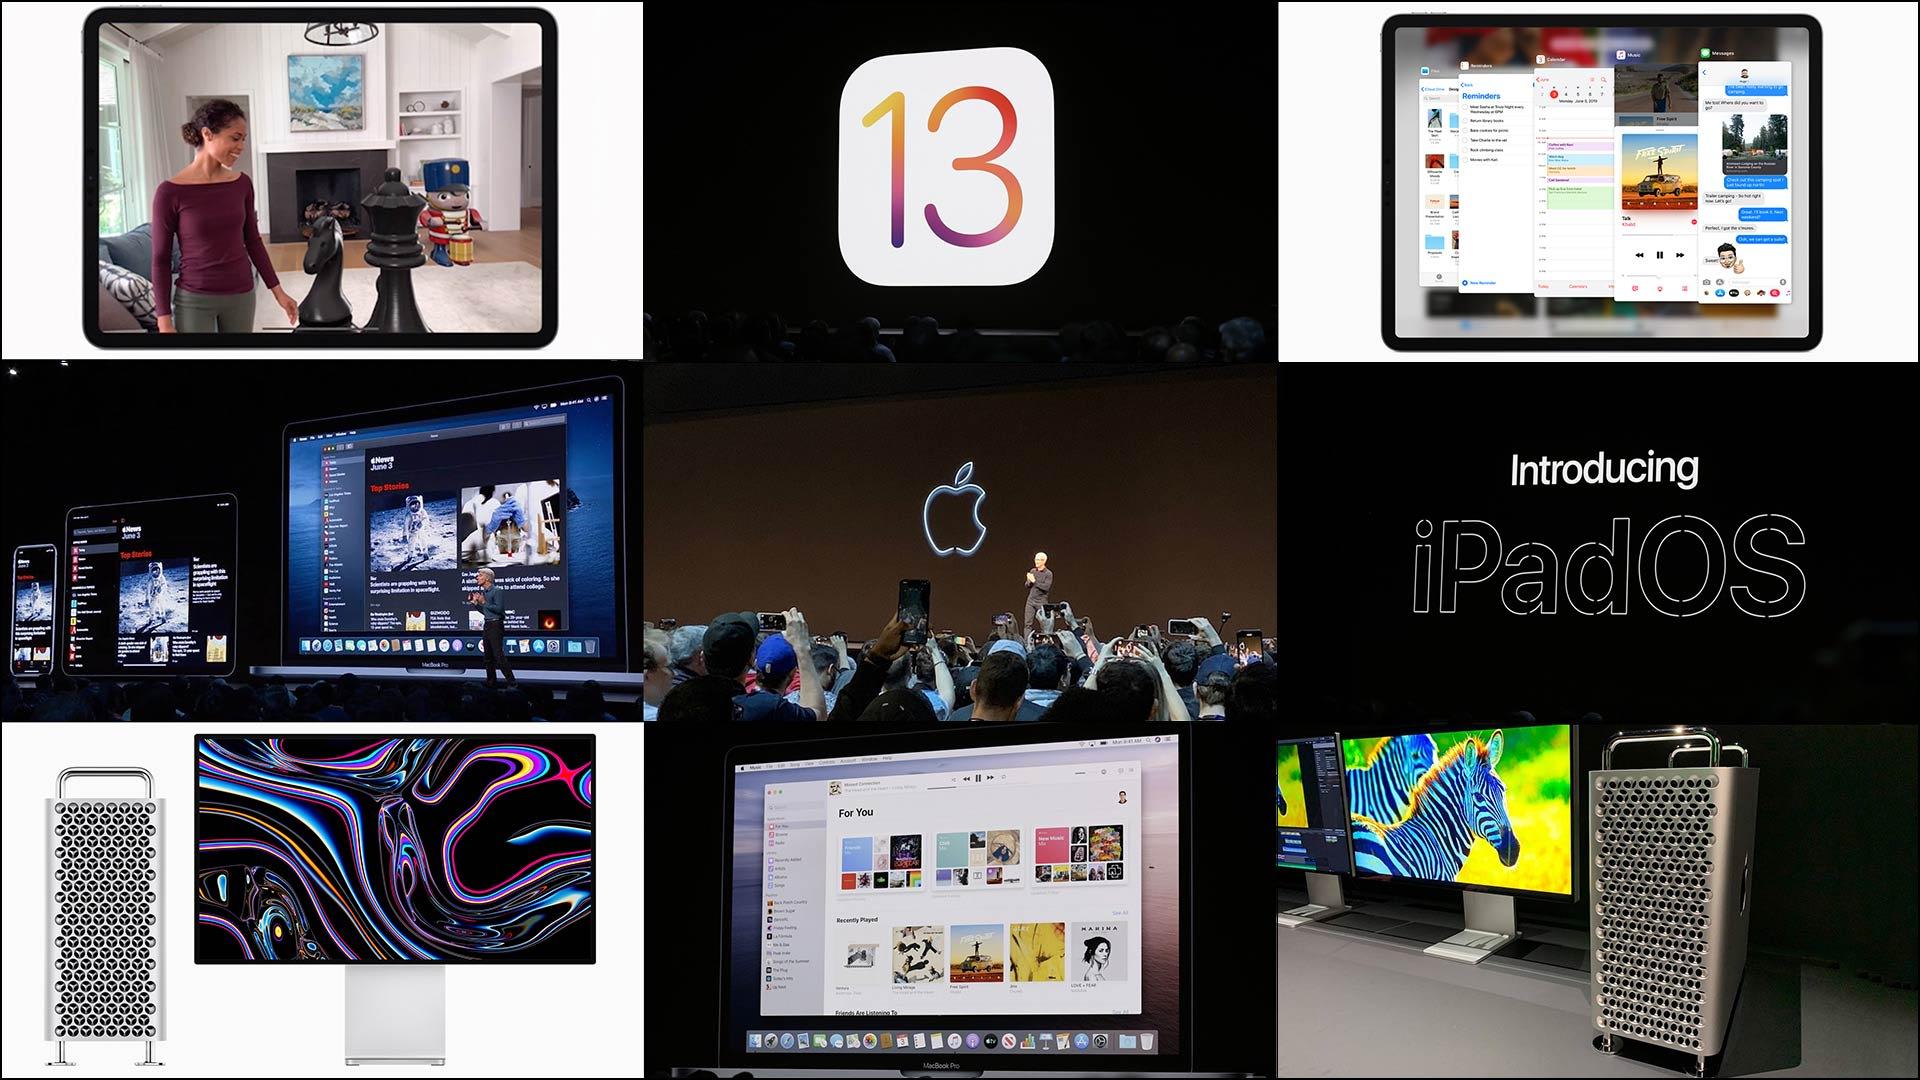 c4b546fb7d 新型「Mac Pro」や「iPadOS」、「iOS 13」など新トピックス盛りだくさん - Engadget 日本版